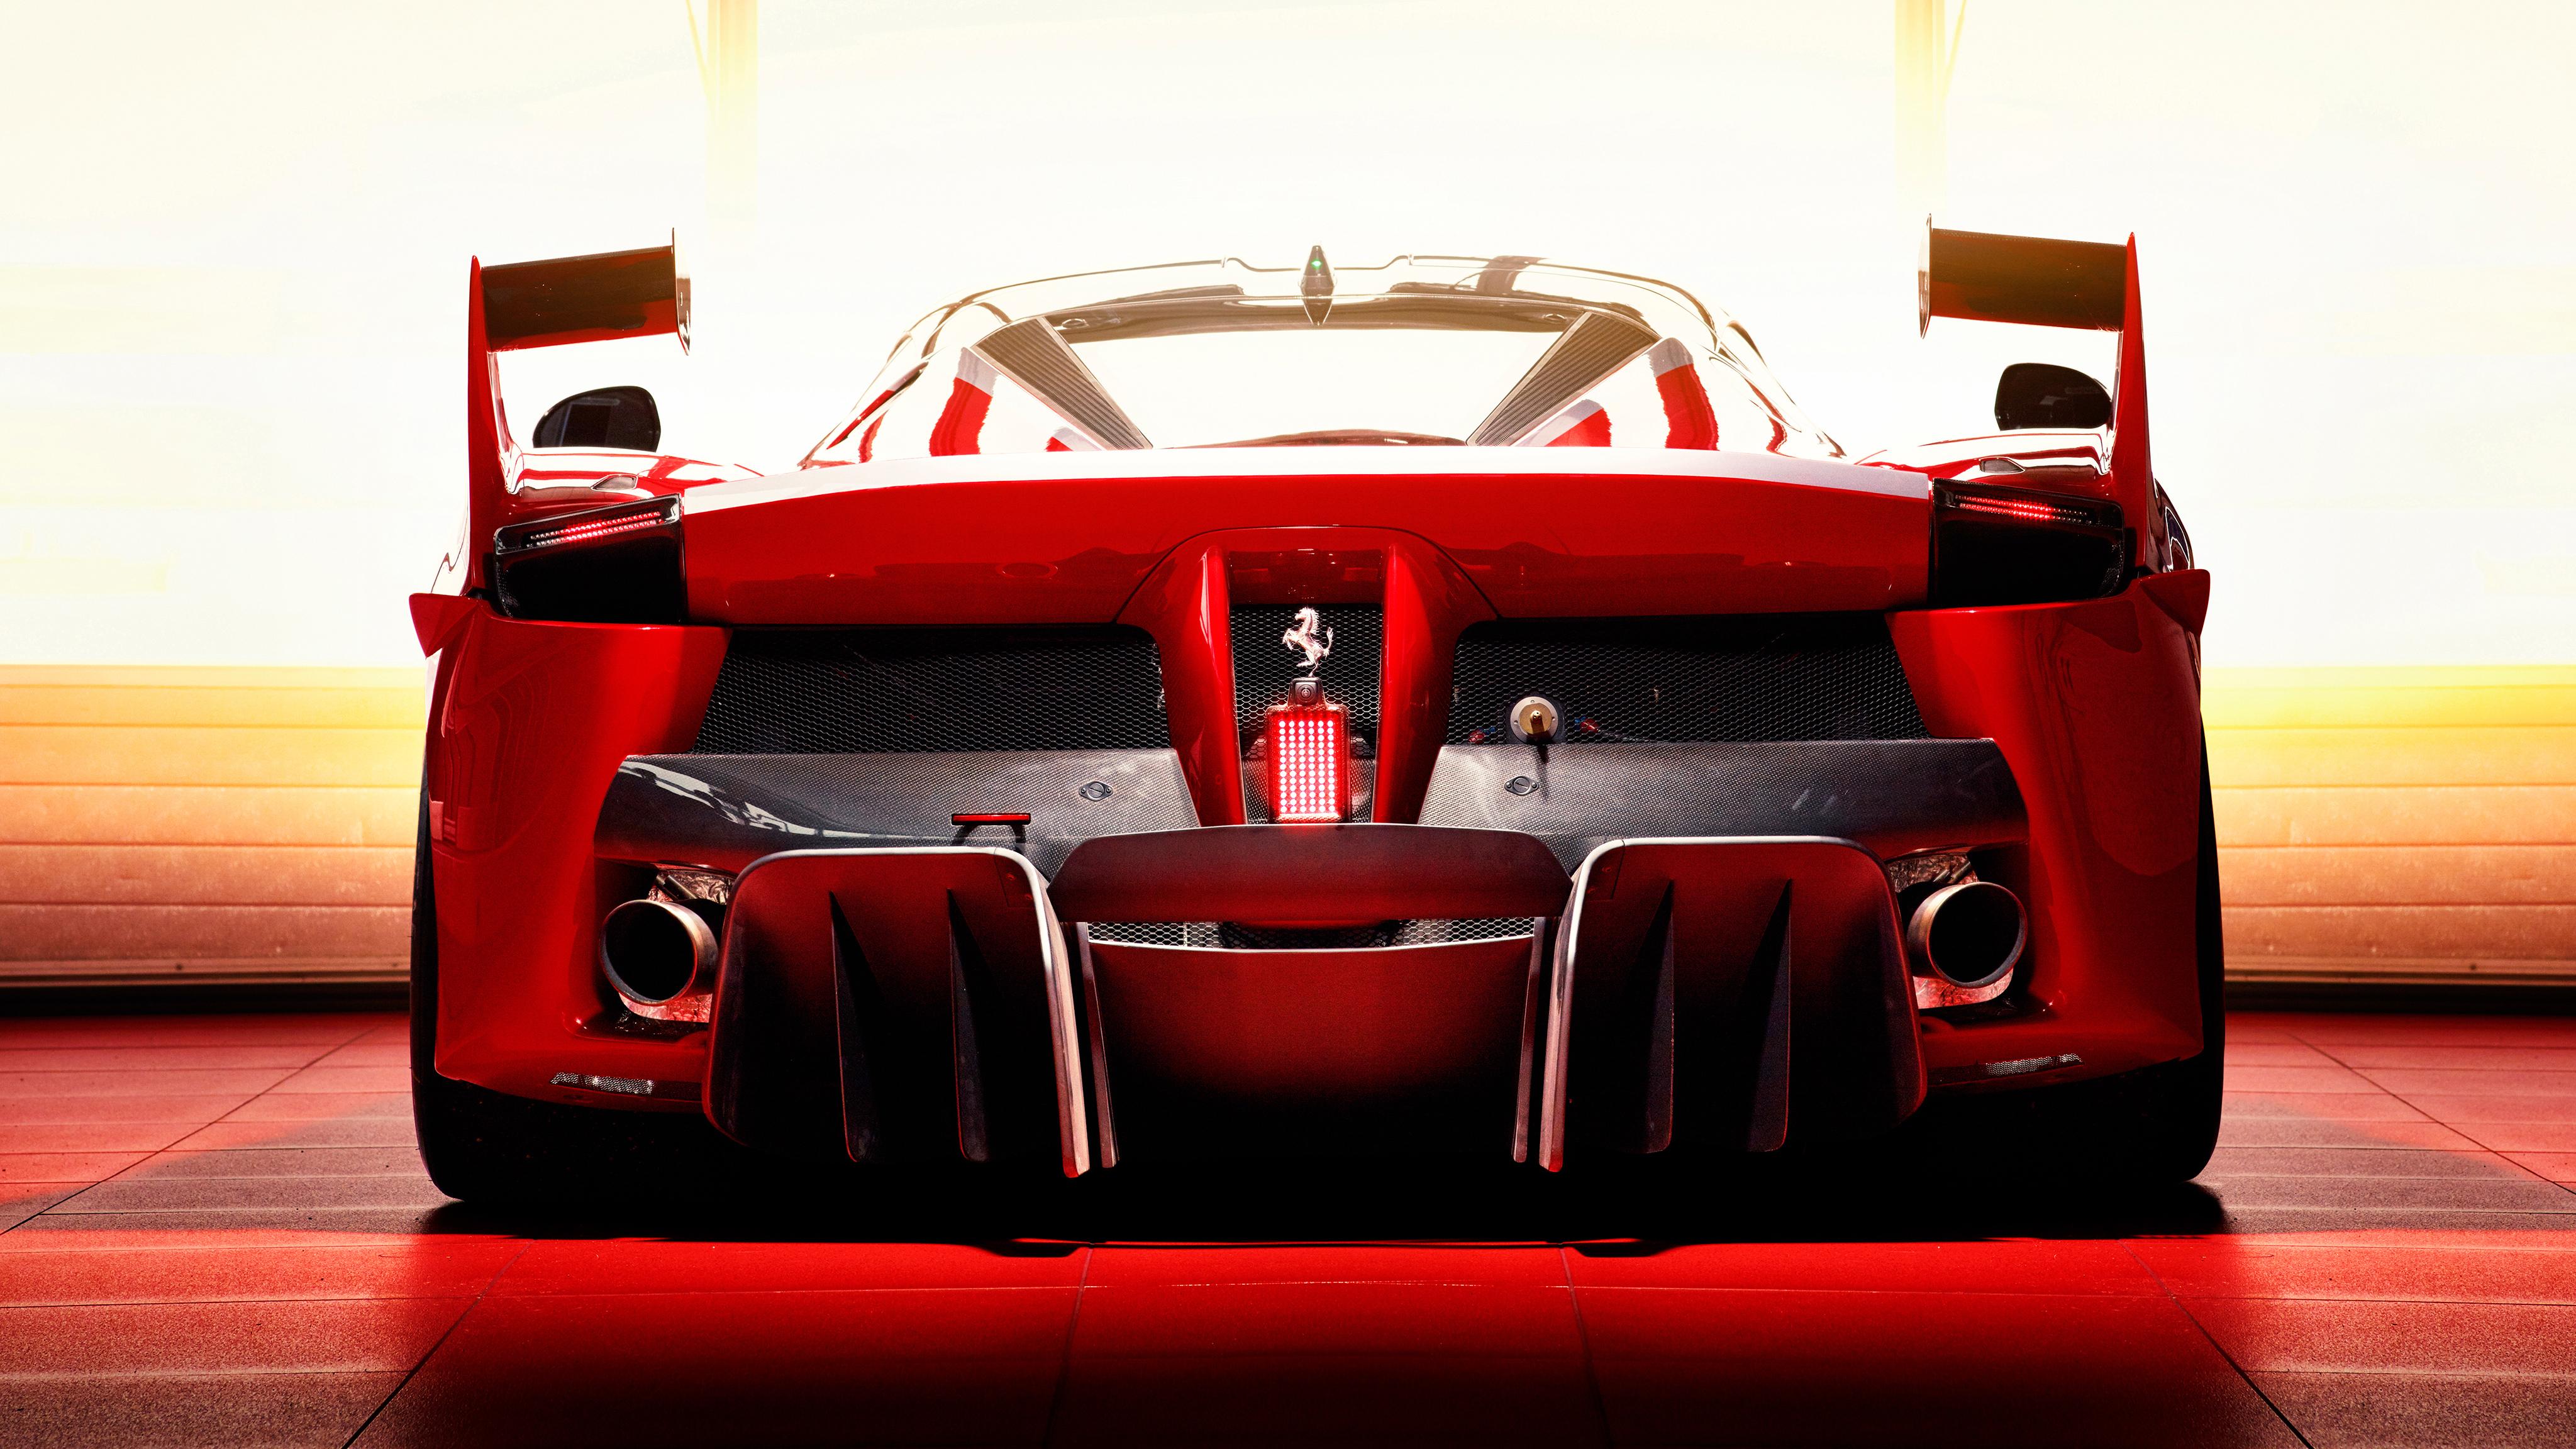 Ferrari Fxx K 4k Wallpaper Hd Car Wallpapers Id 9044